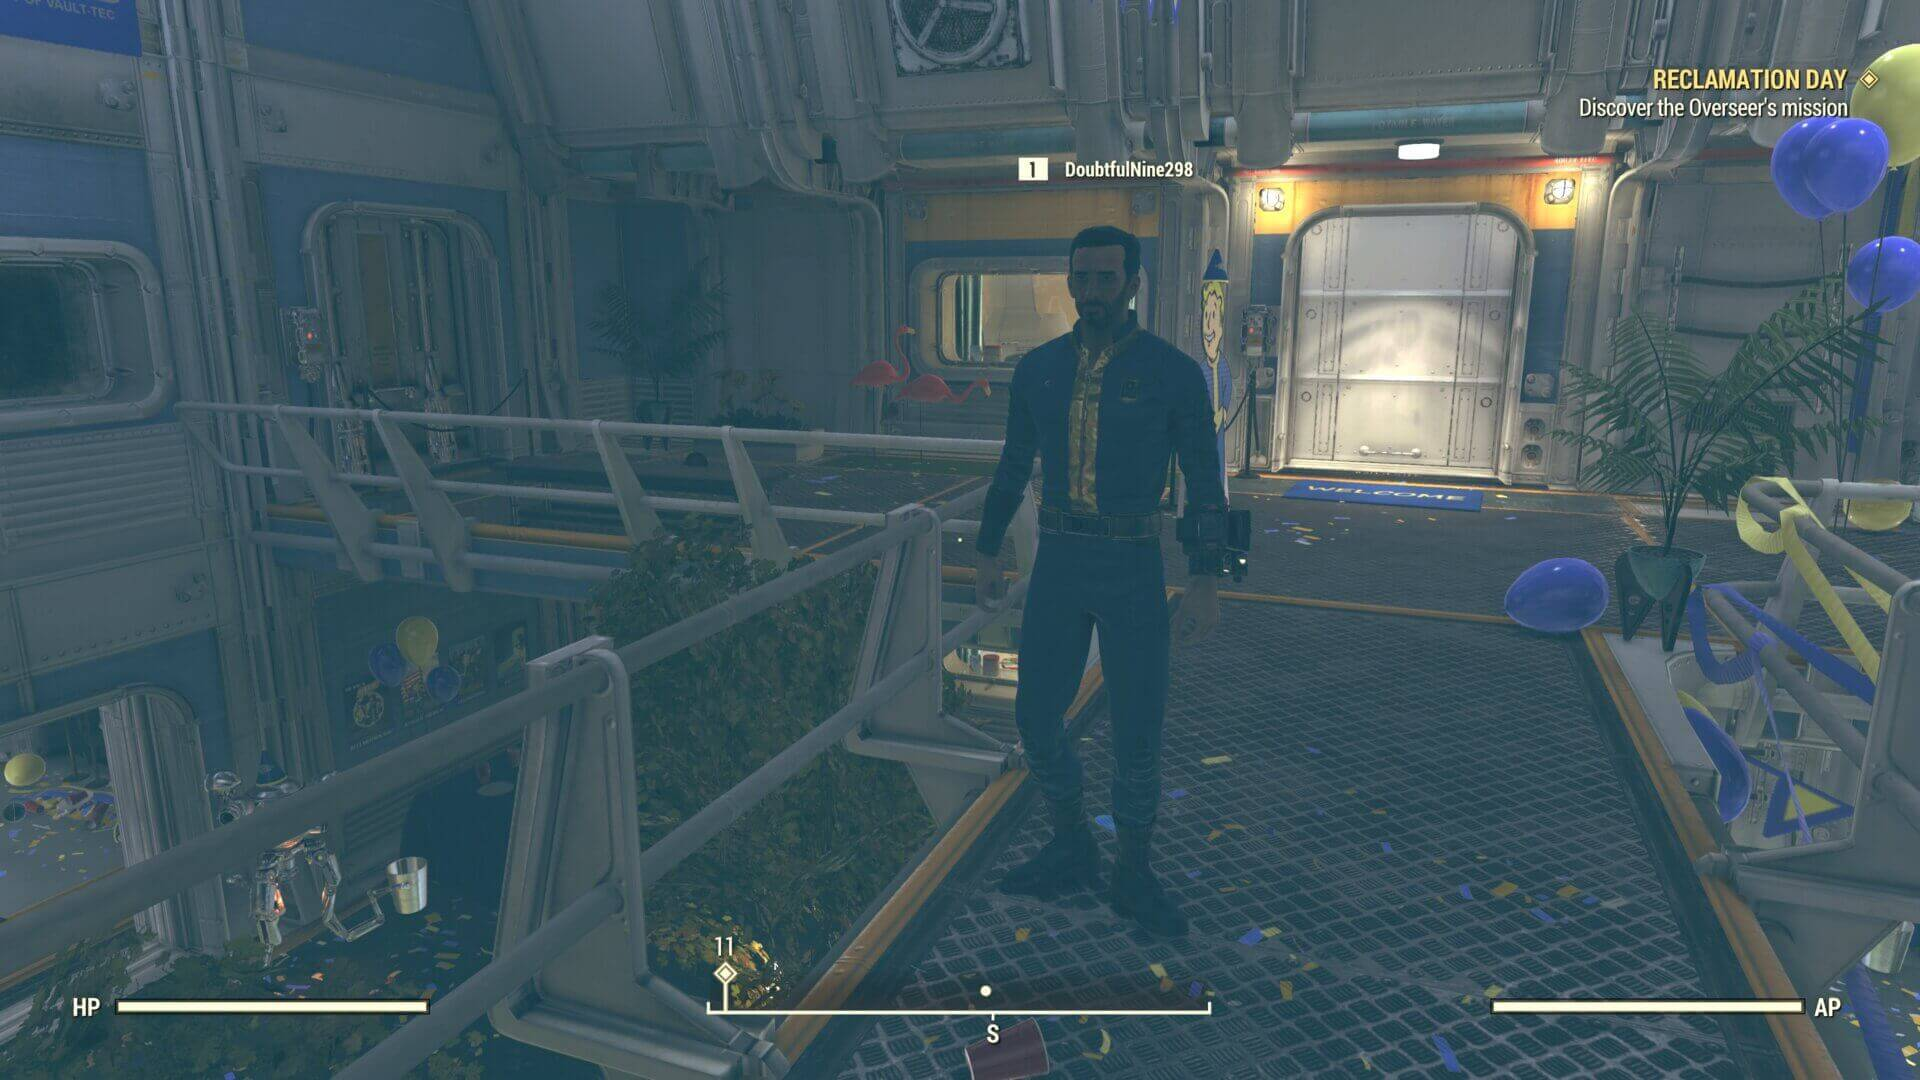 Fallout 76, Fallout, Bethesda, Delfos